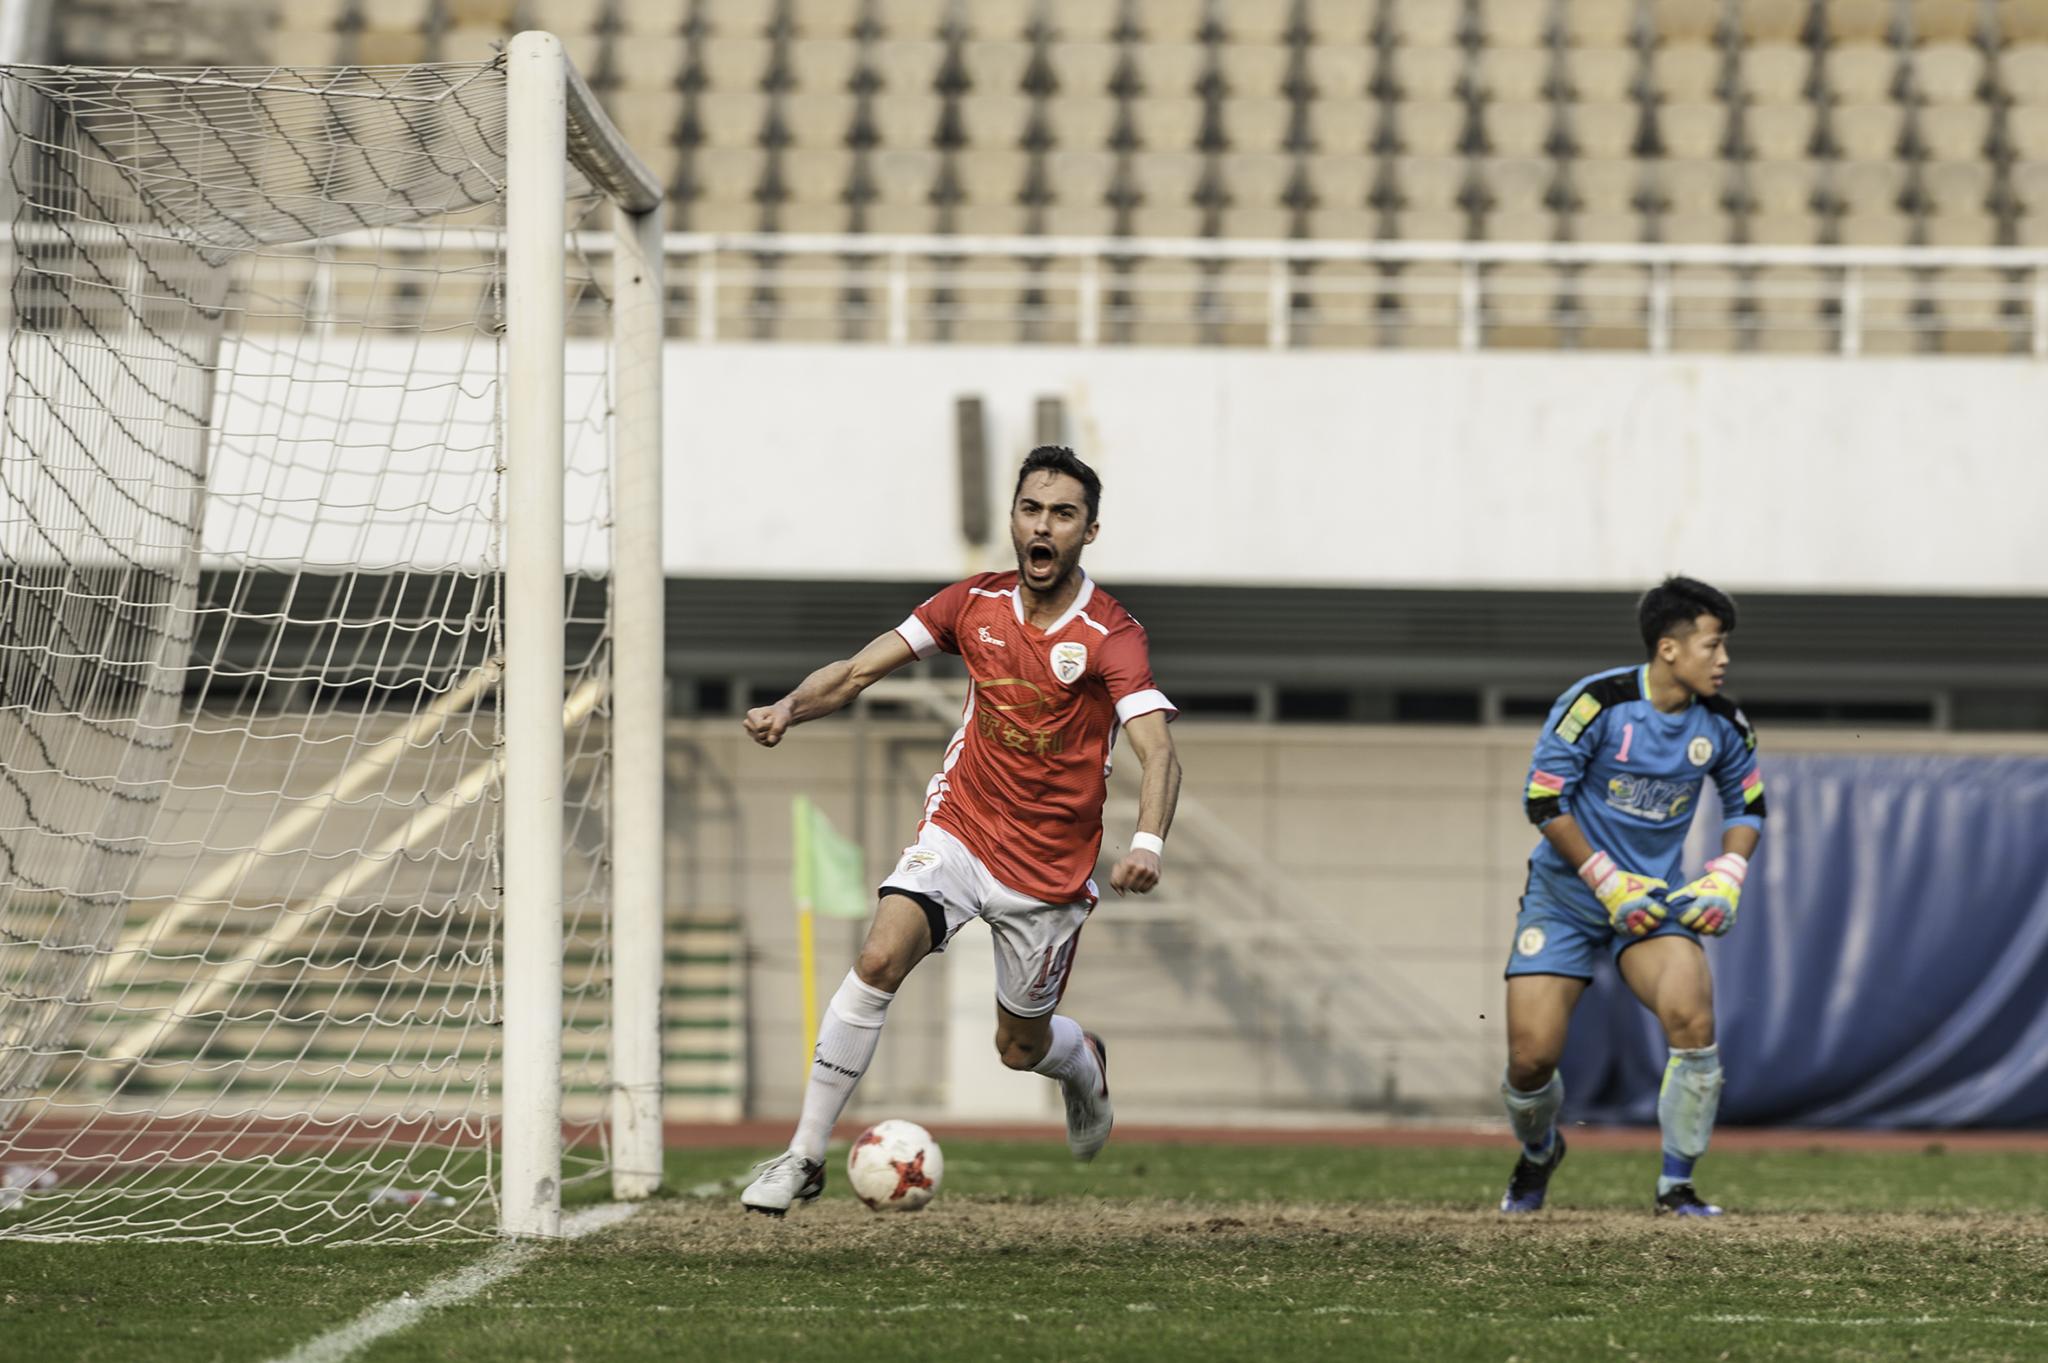 Liga de Elite   Benfica de Macau ataca 'penta' frente ao Monte Carlo